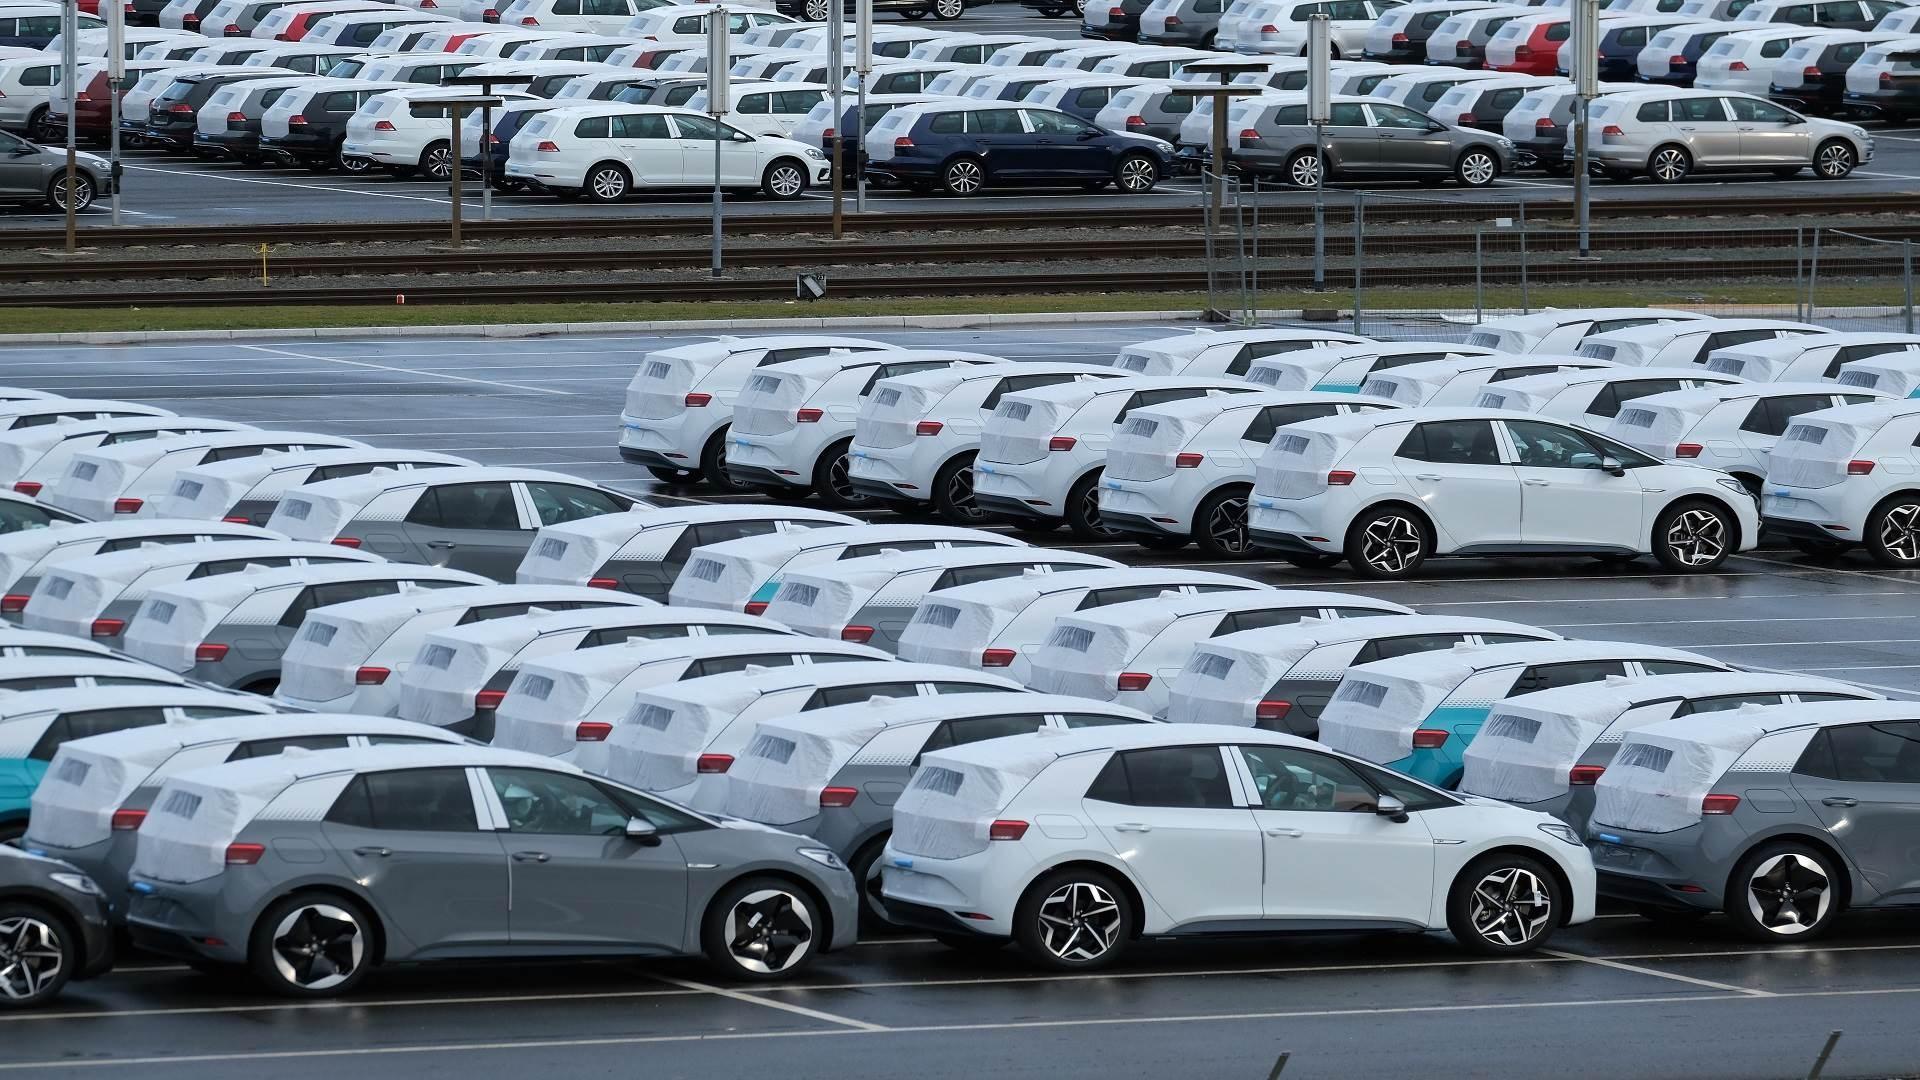 سوق السيارات الأوروبي يتراجع بأكثر من 52% في أيار/مايو